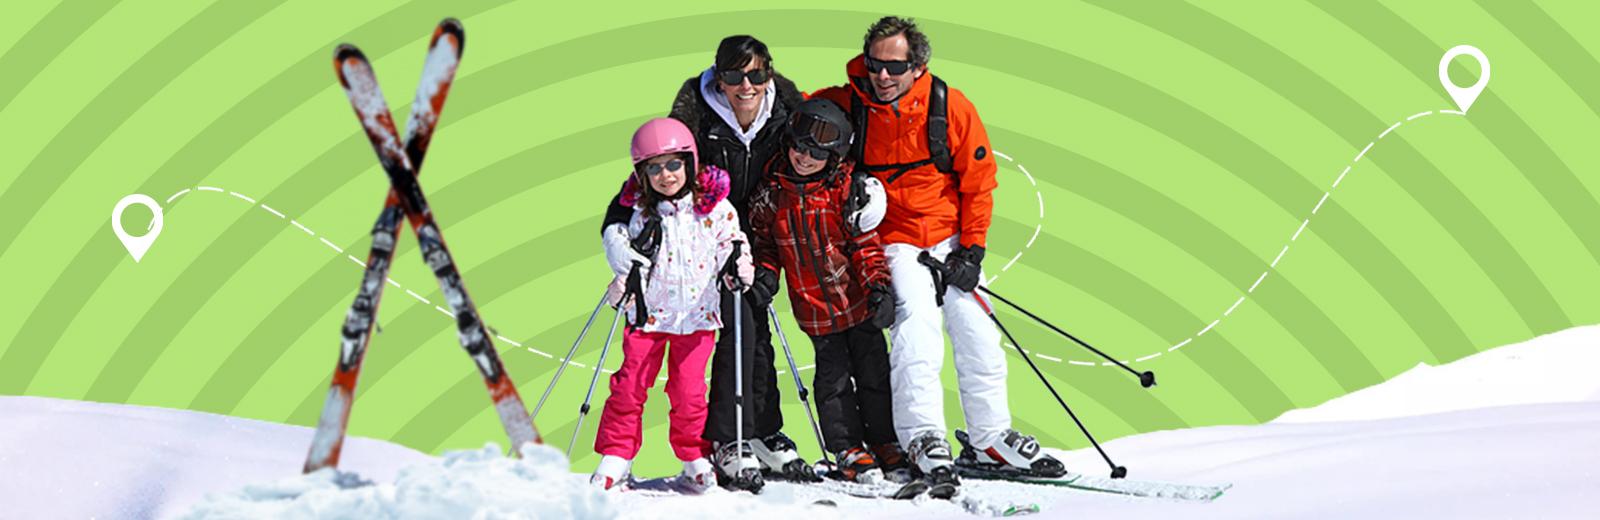 Делегирование задач: найти лыжные трассы в Москве